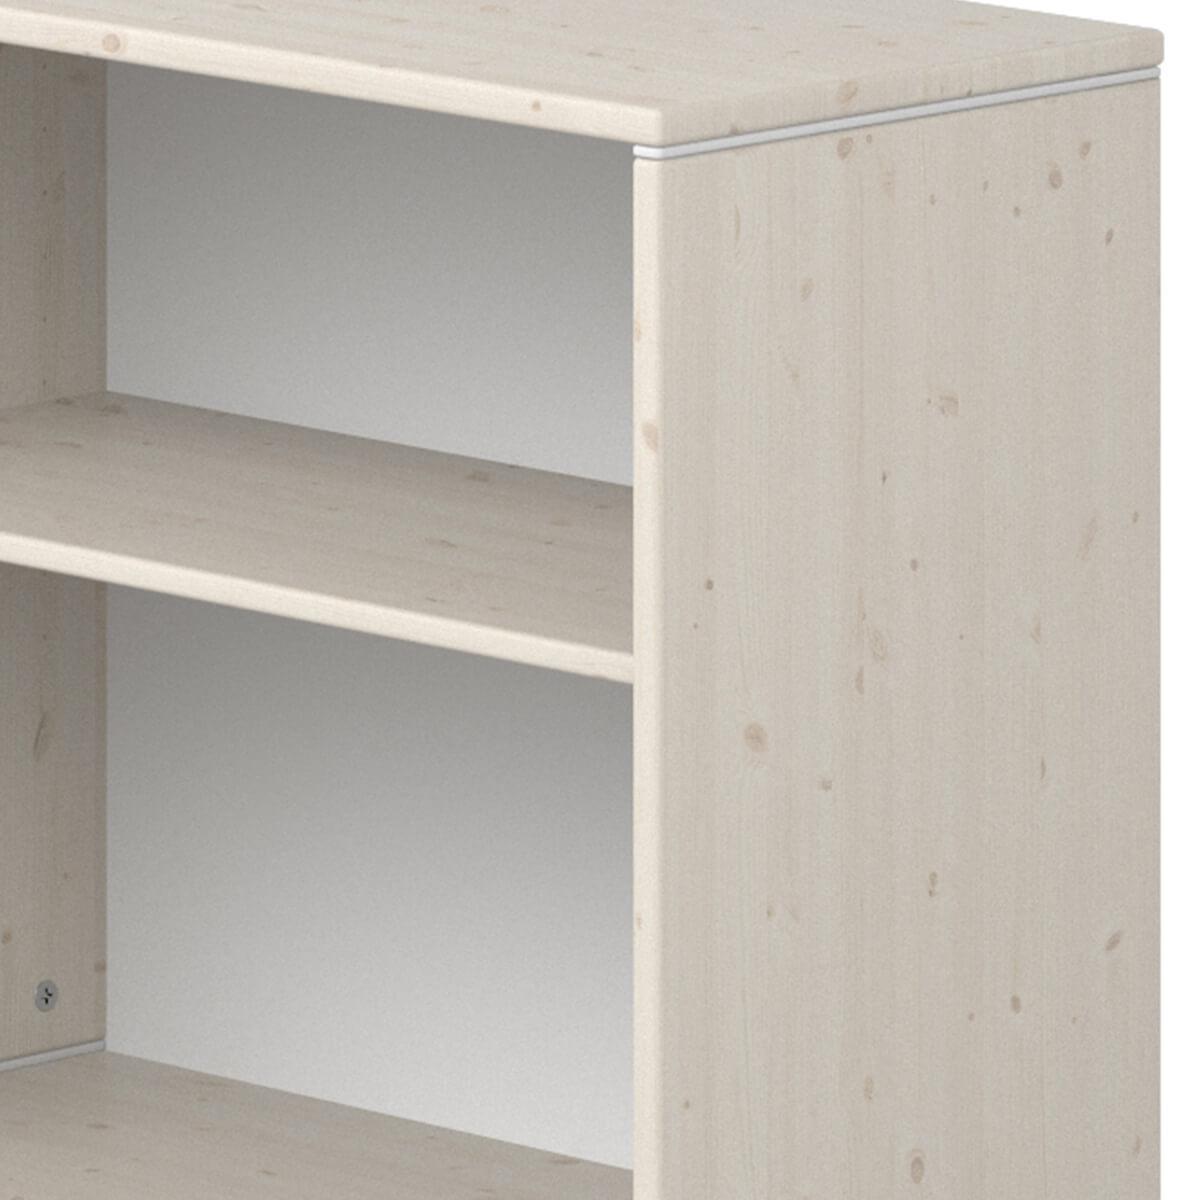 Estantería 63x72cm STUDY CLASSIC Flexa blanco cal-blanco